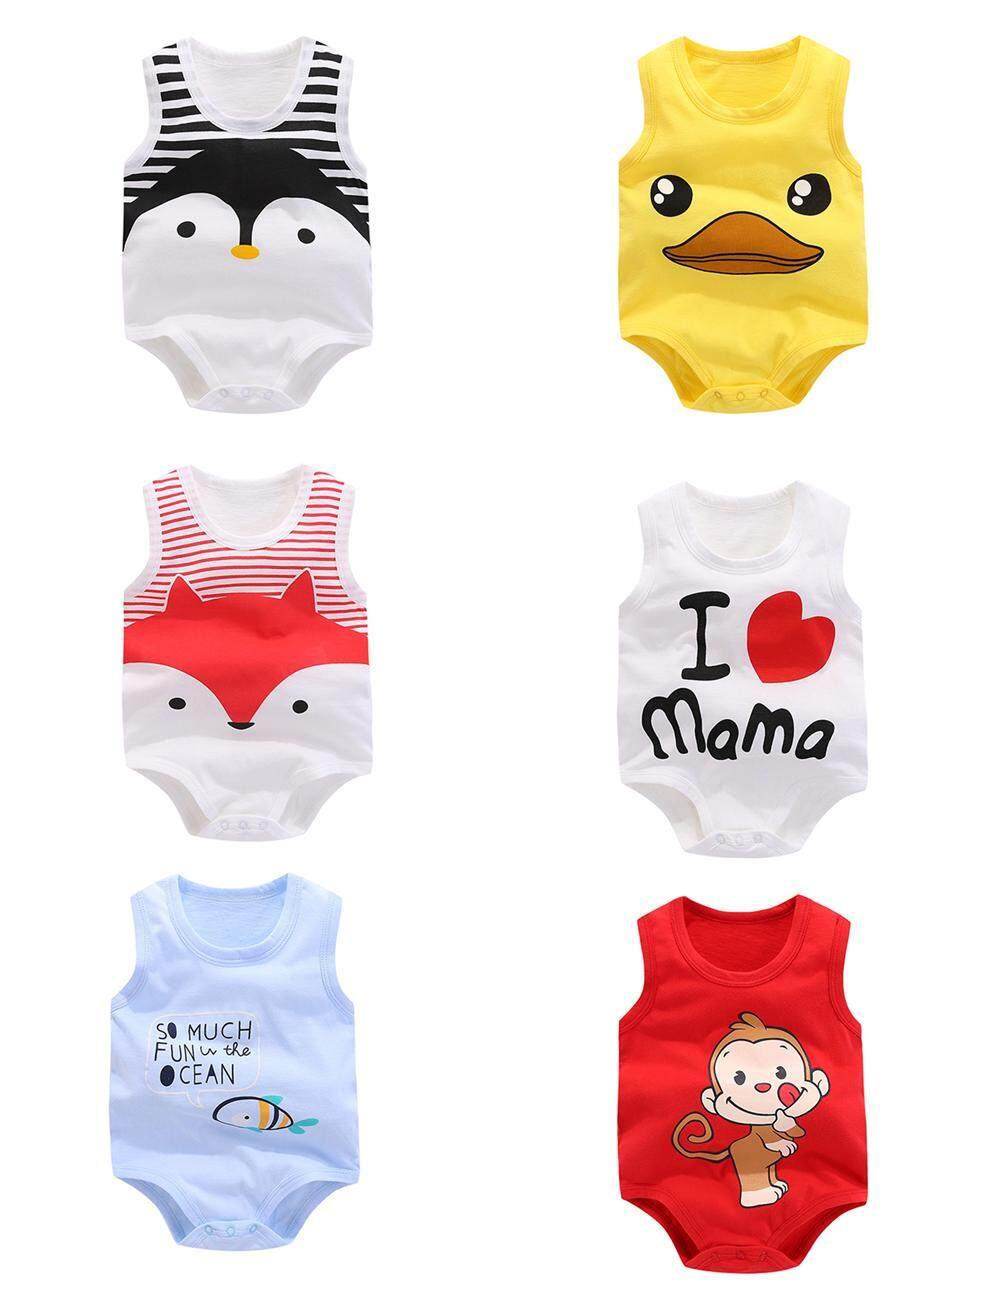 8fdb13f3b0fb Buy New Born Clothing